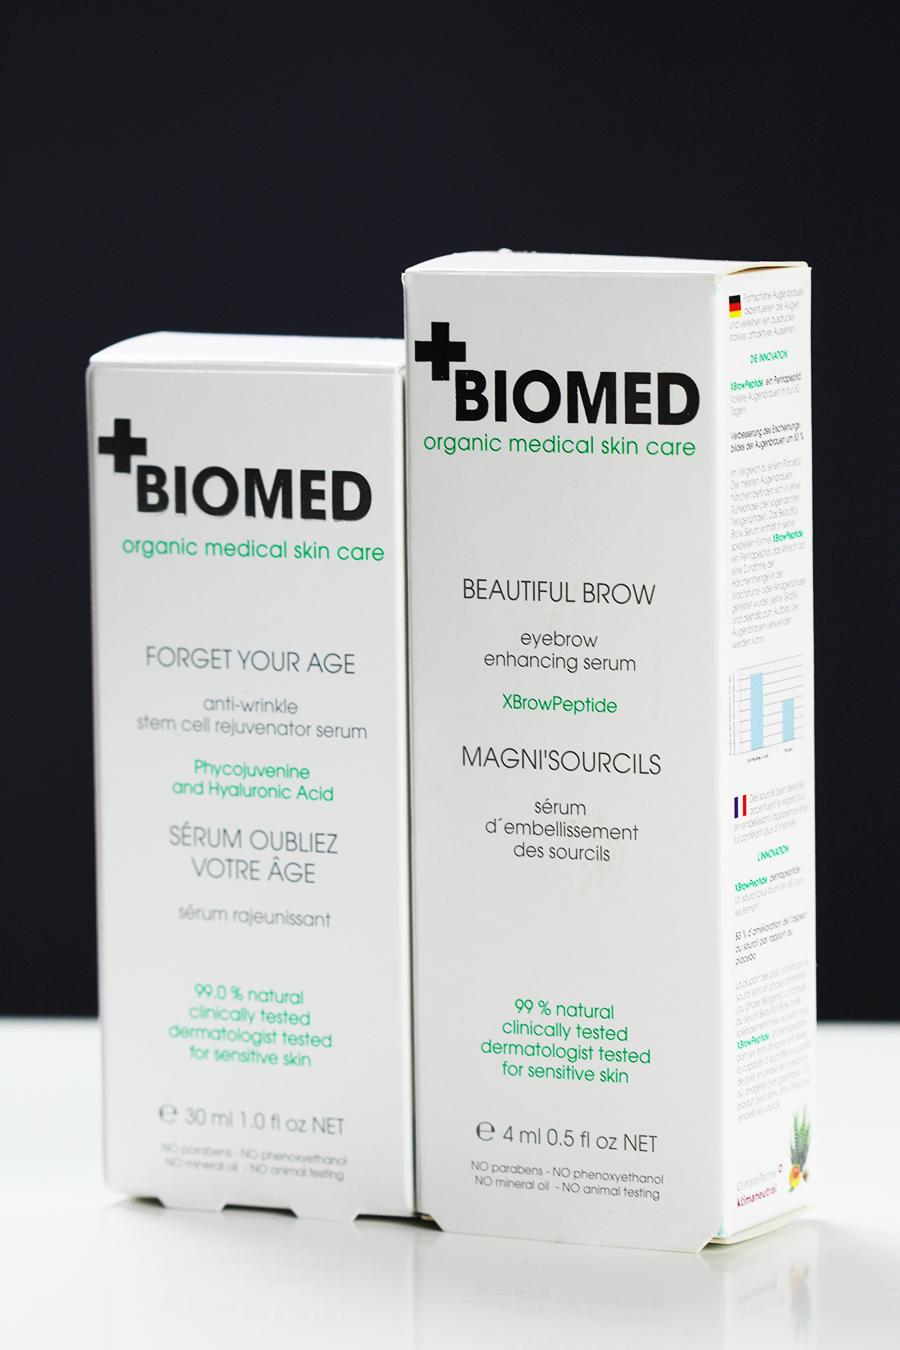 Biomed-Gewinnspiel